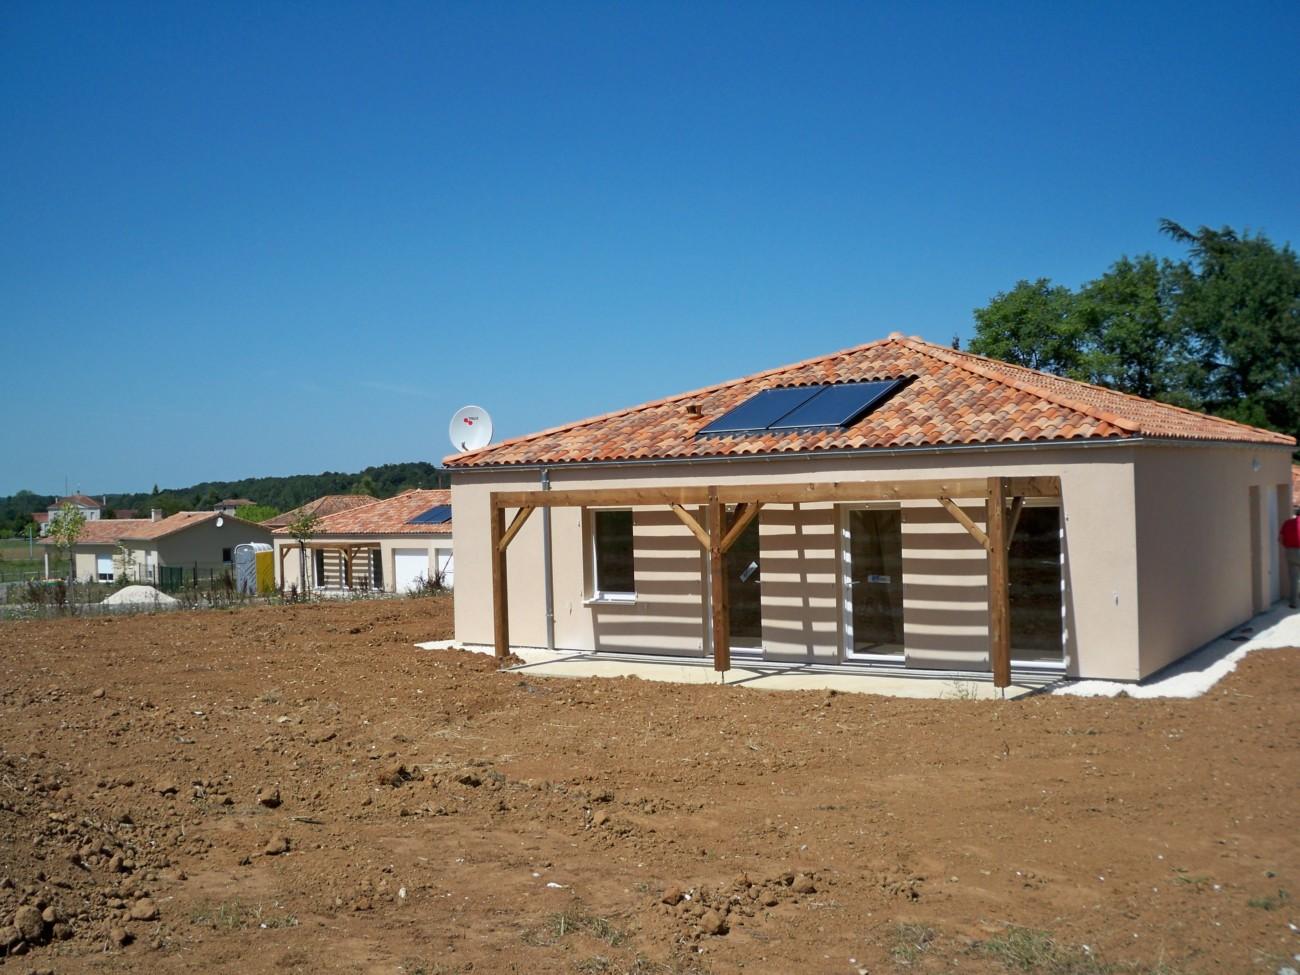 utilisation des enerrgies renouvelables pour 5 maiosns à ossature bois